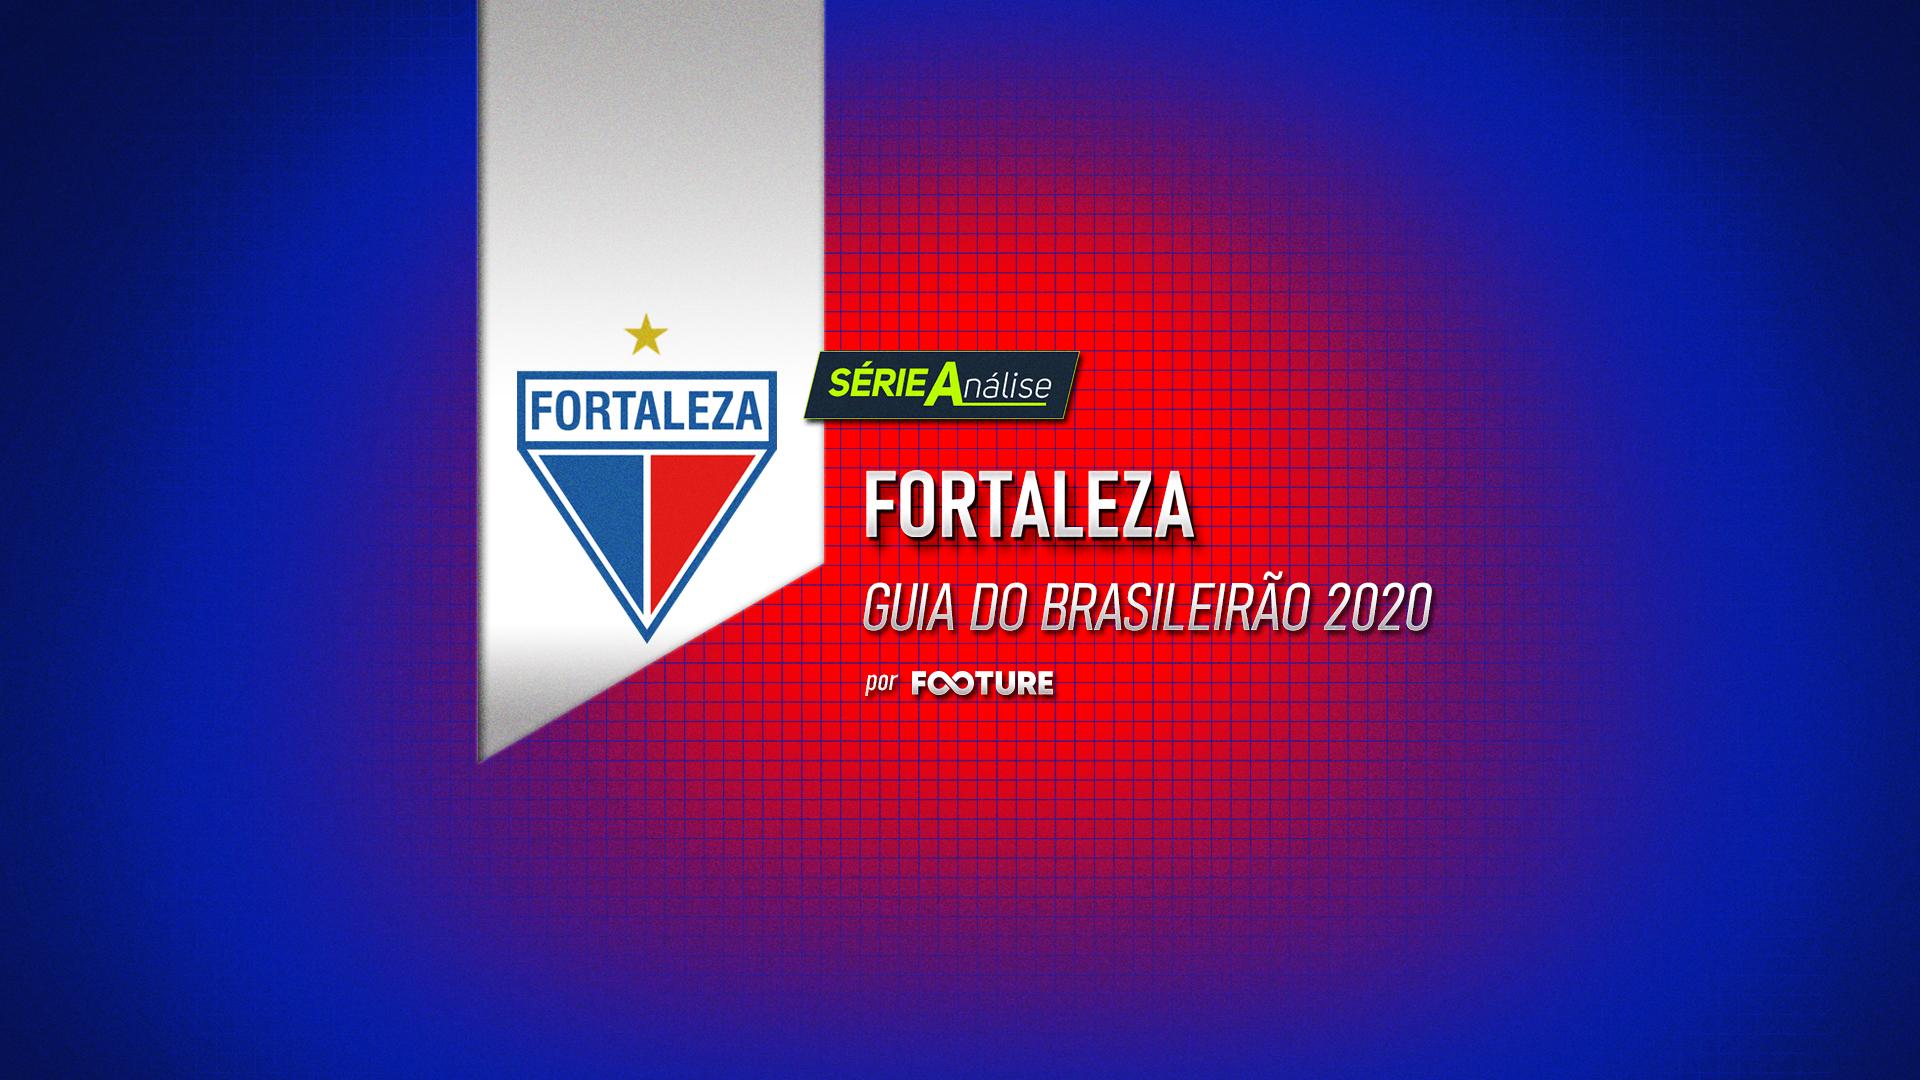 Guia do Brasileirão 2020 – Fortaleza